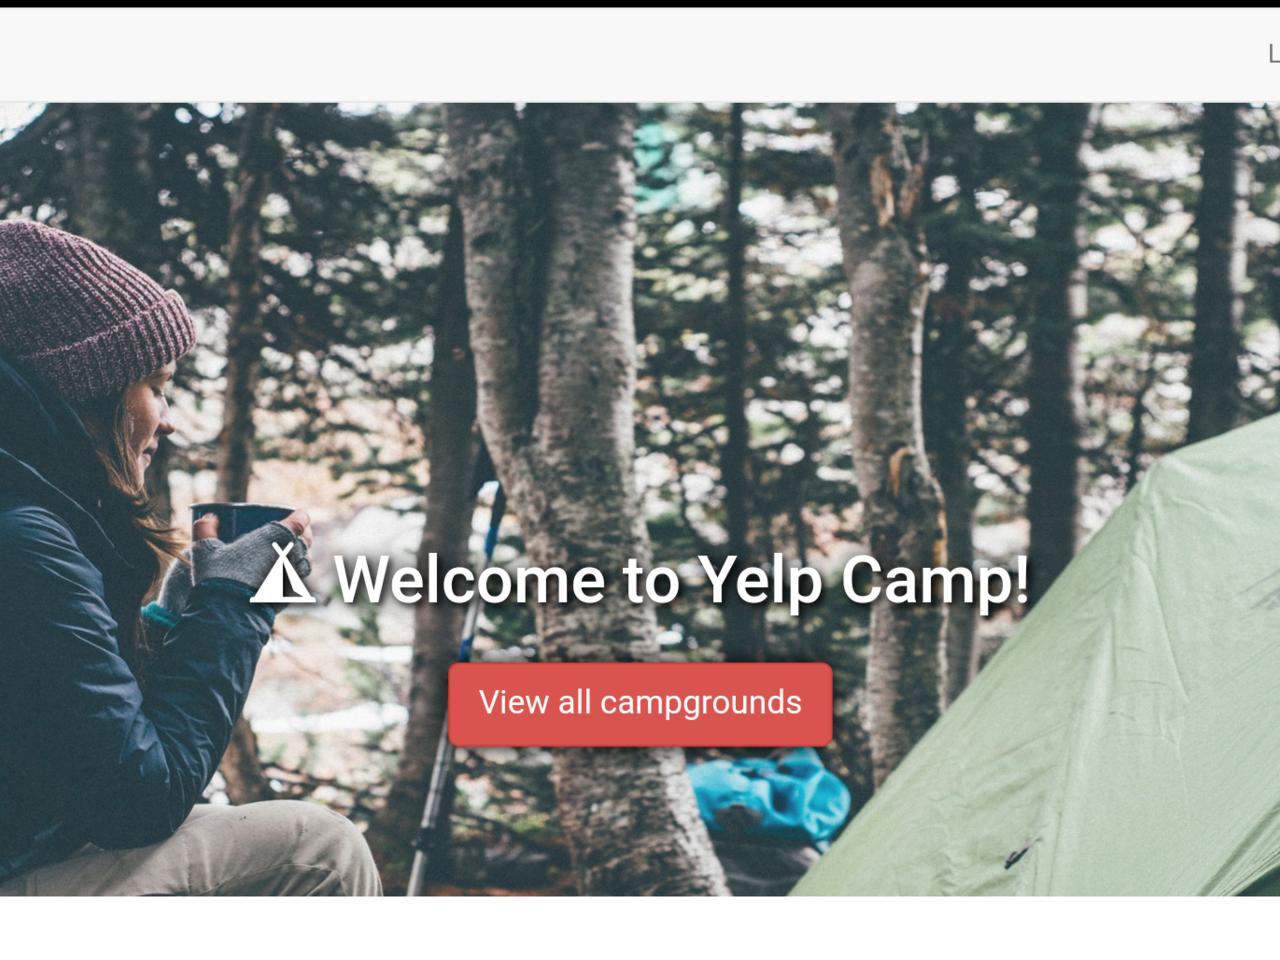 YelpCamp